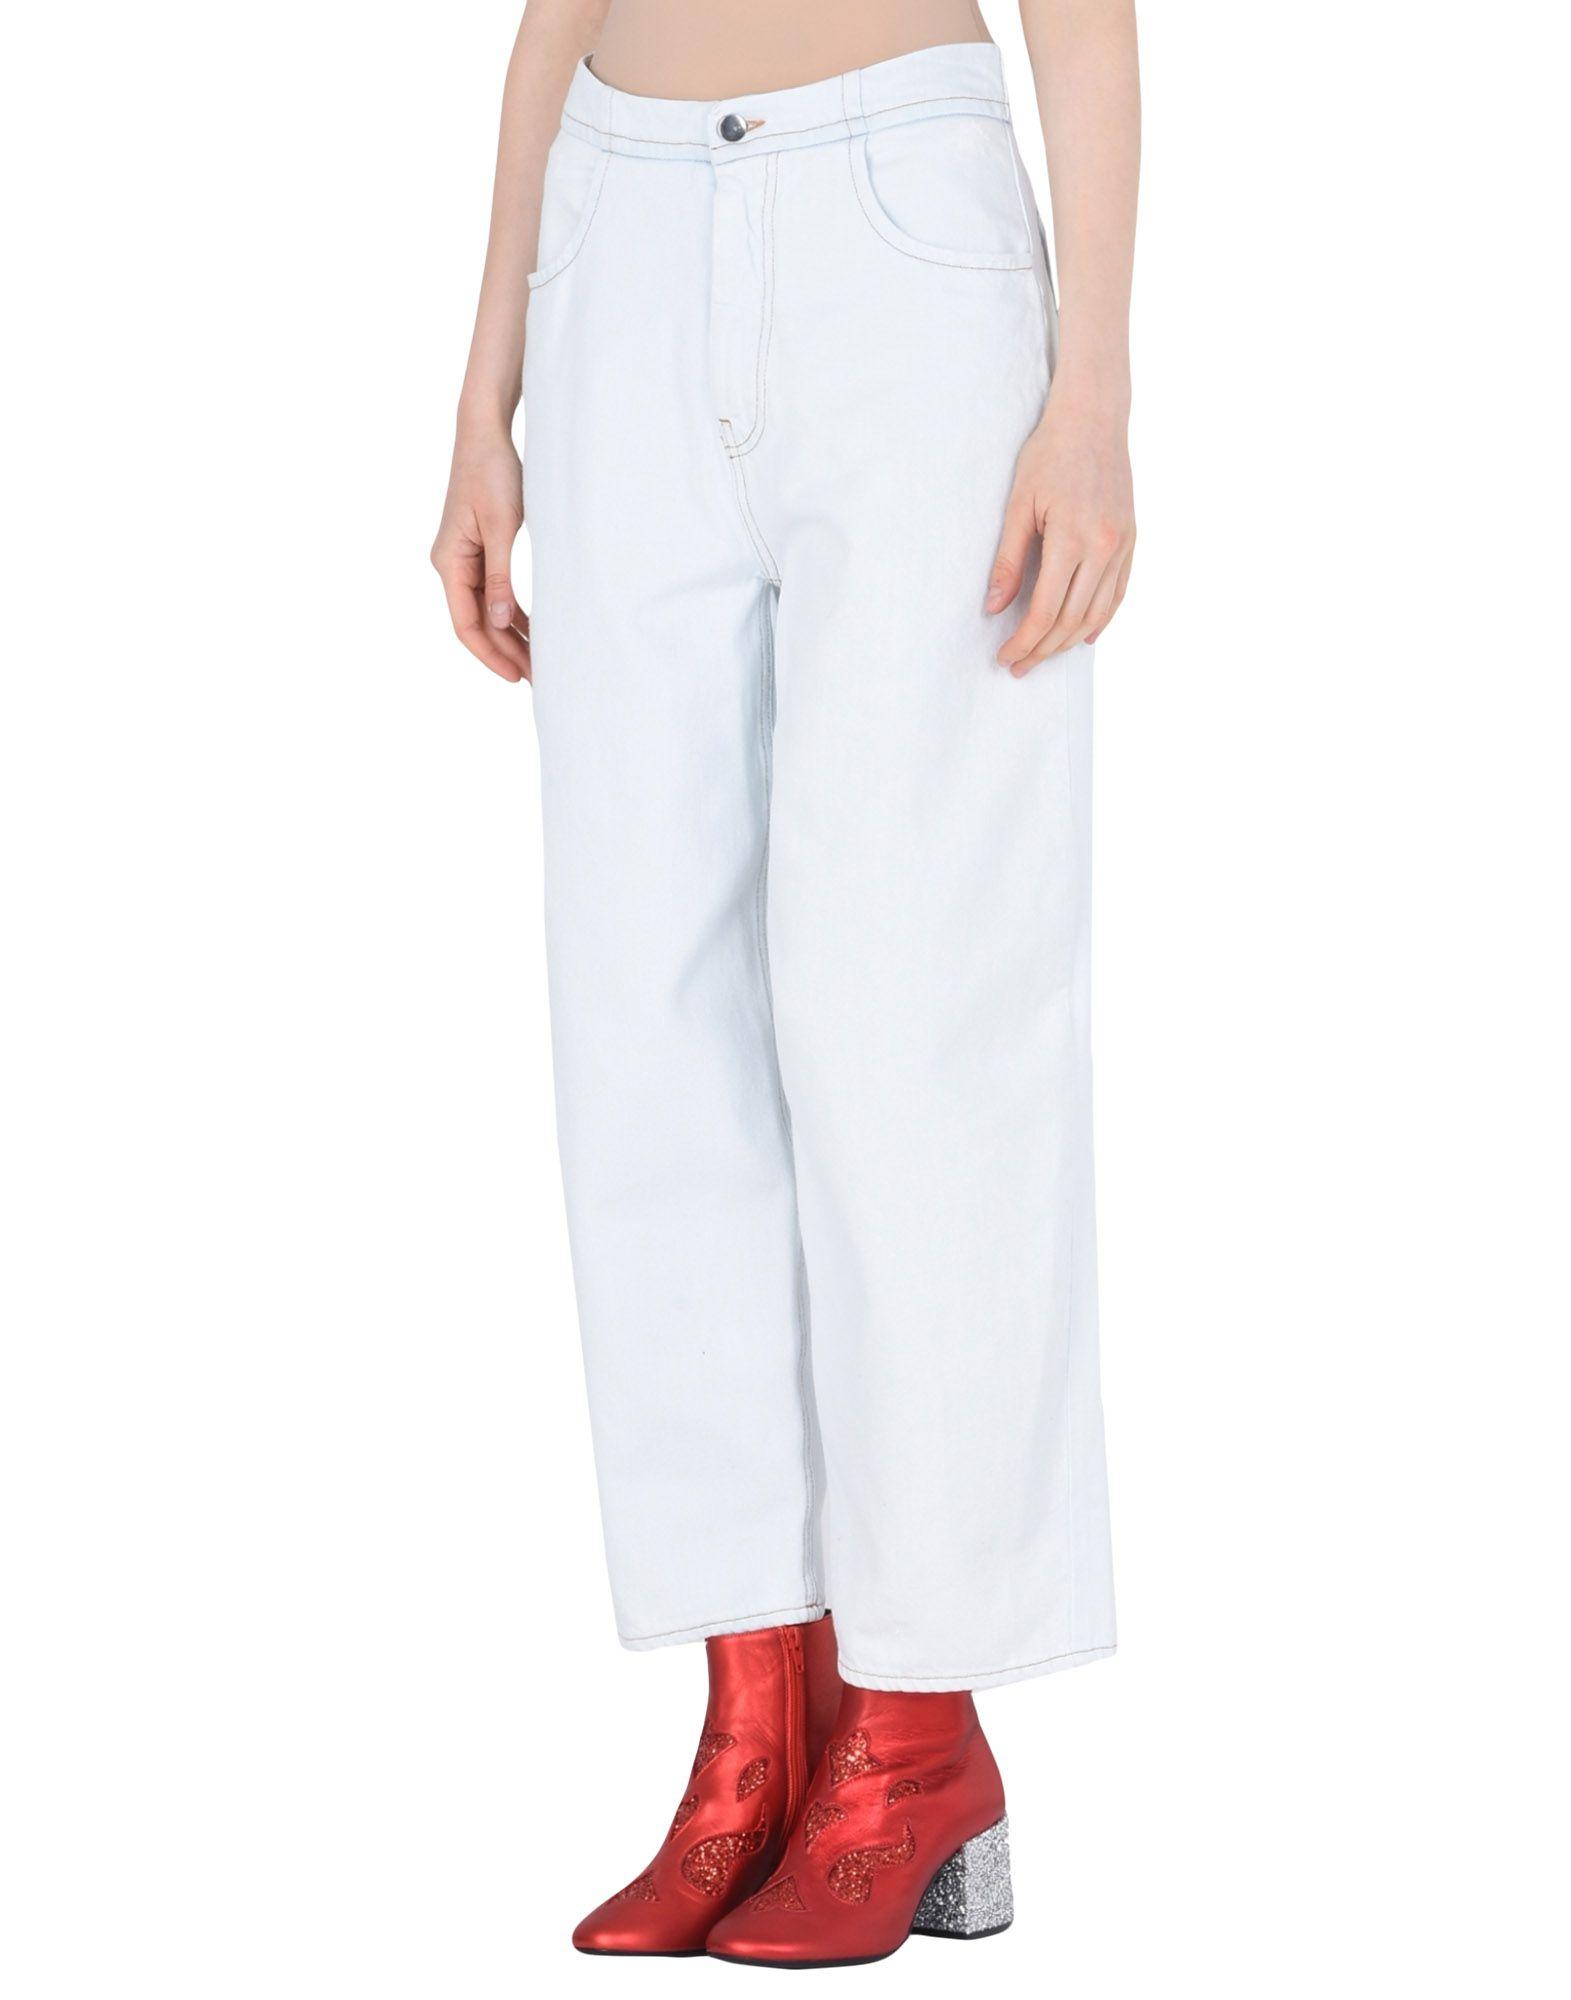 Pantaloni Jeans Mm6 Maison Margiela Donna - Acquista online su 96pABO